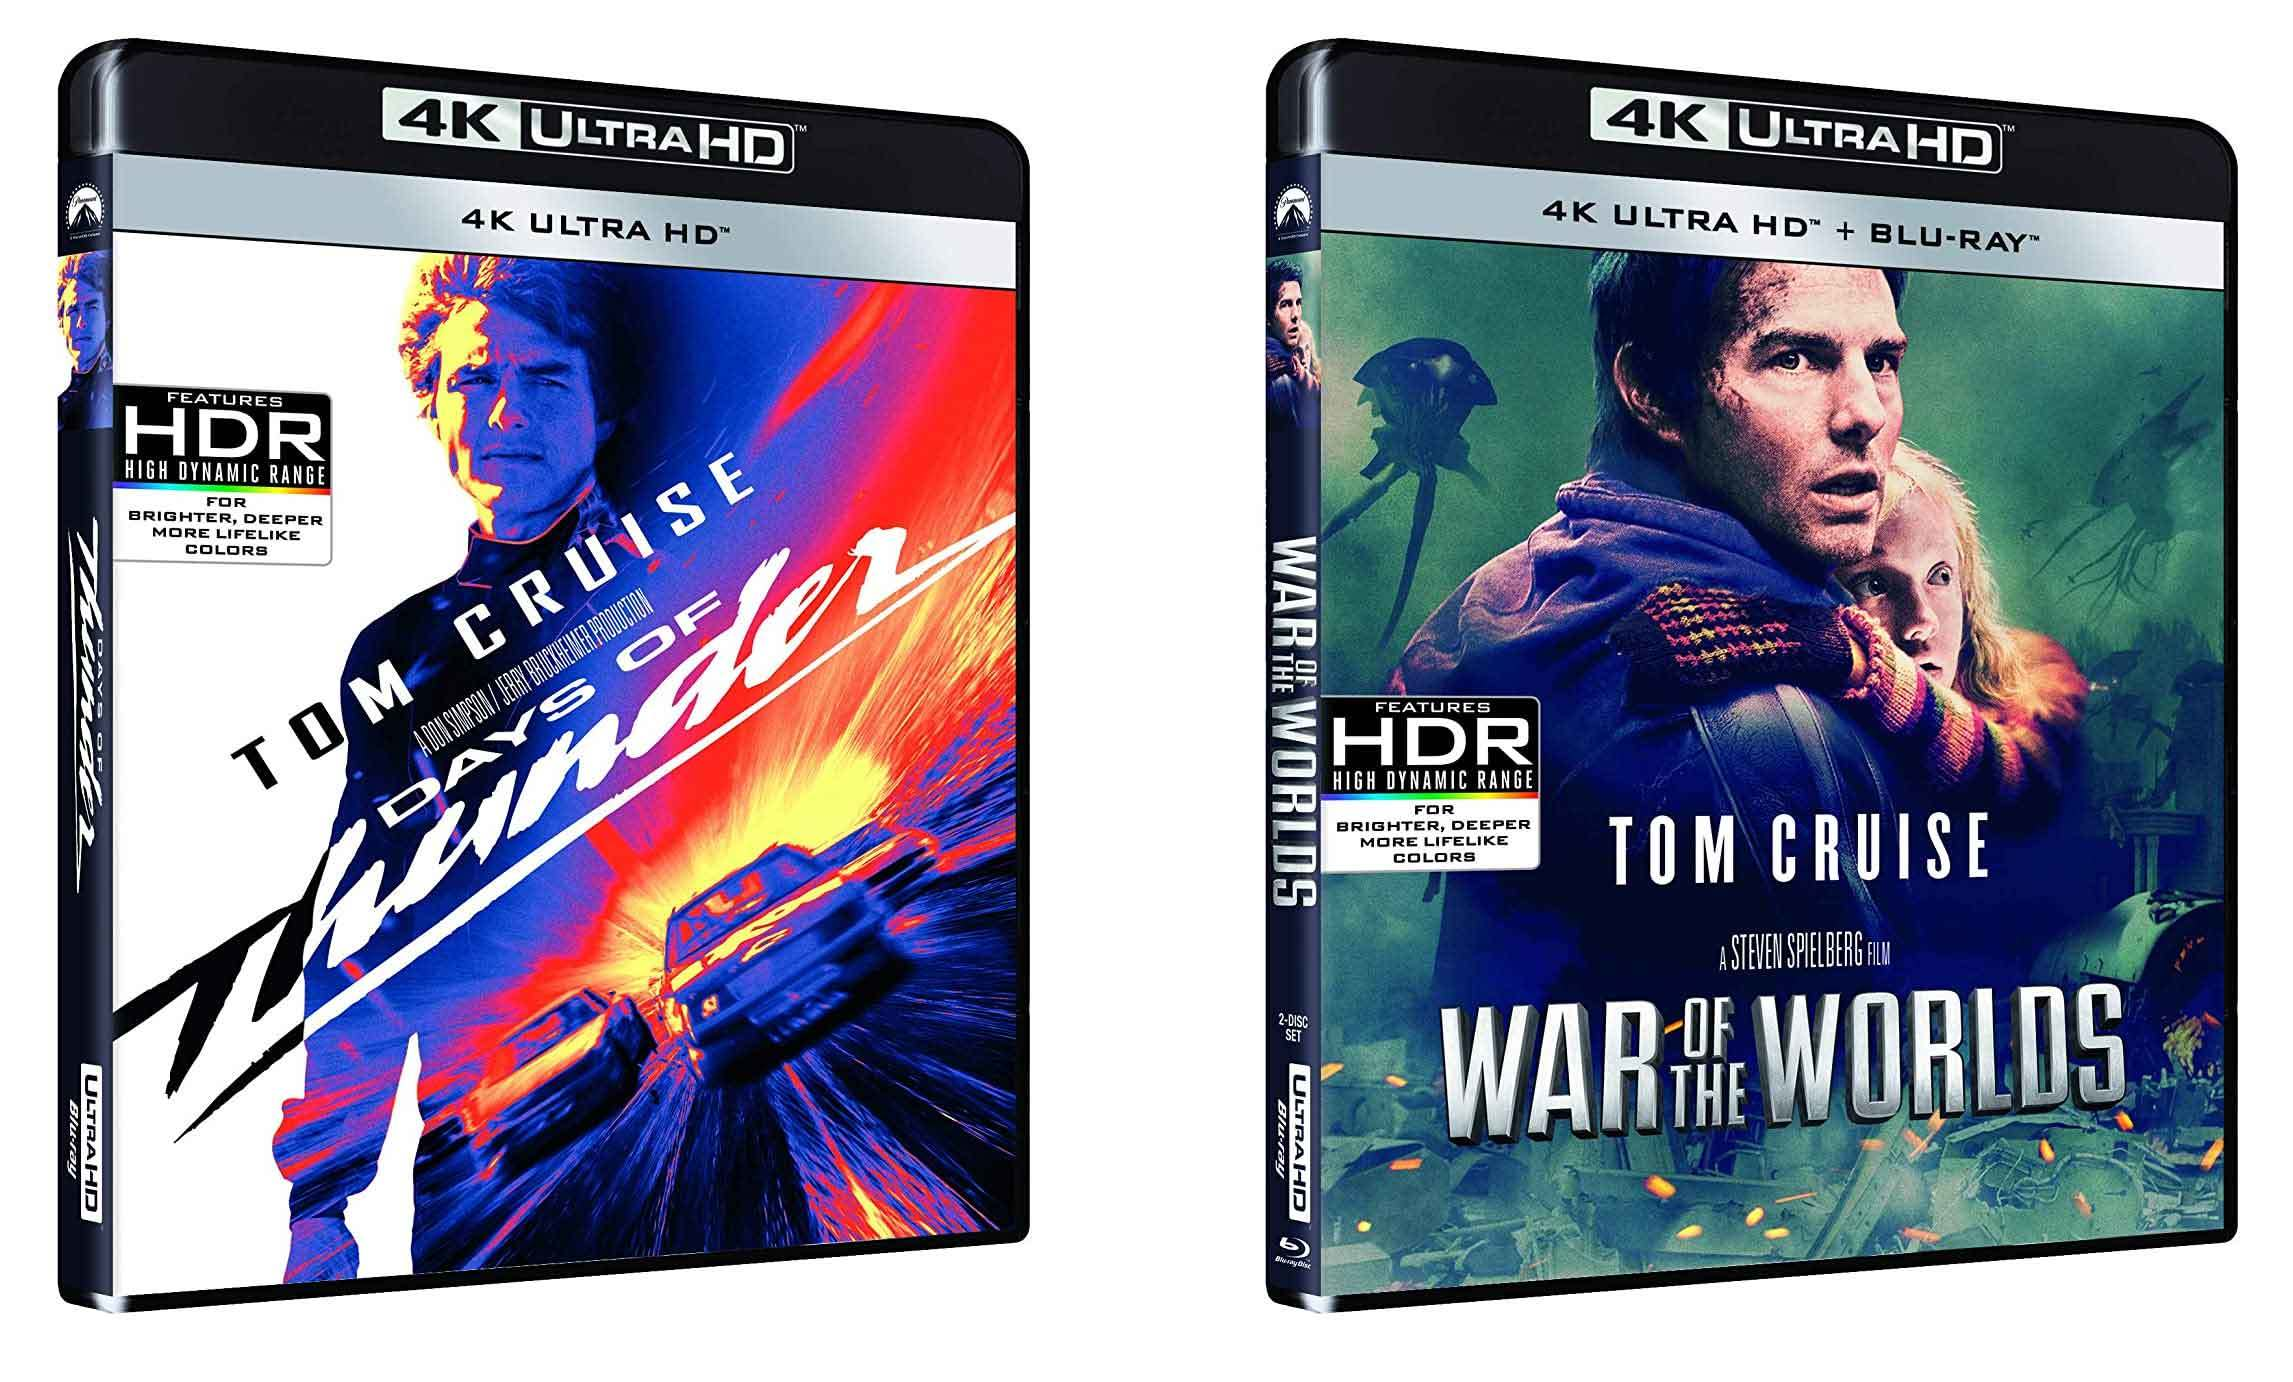 Giorni di tuono e La guerra dei mondi in 4K Ultra HD